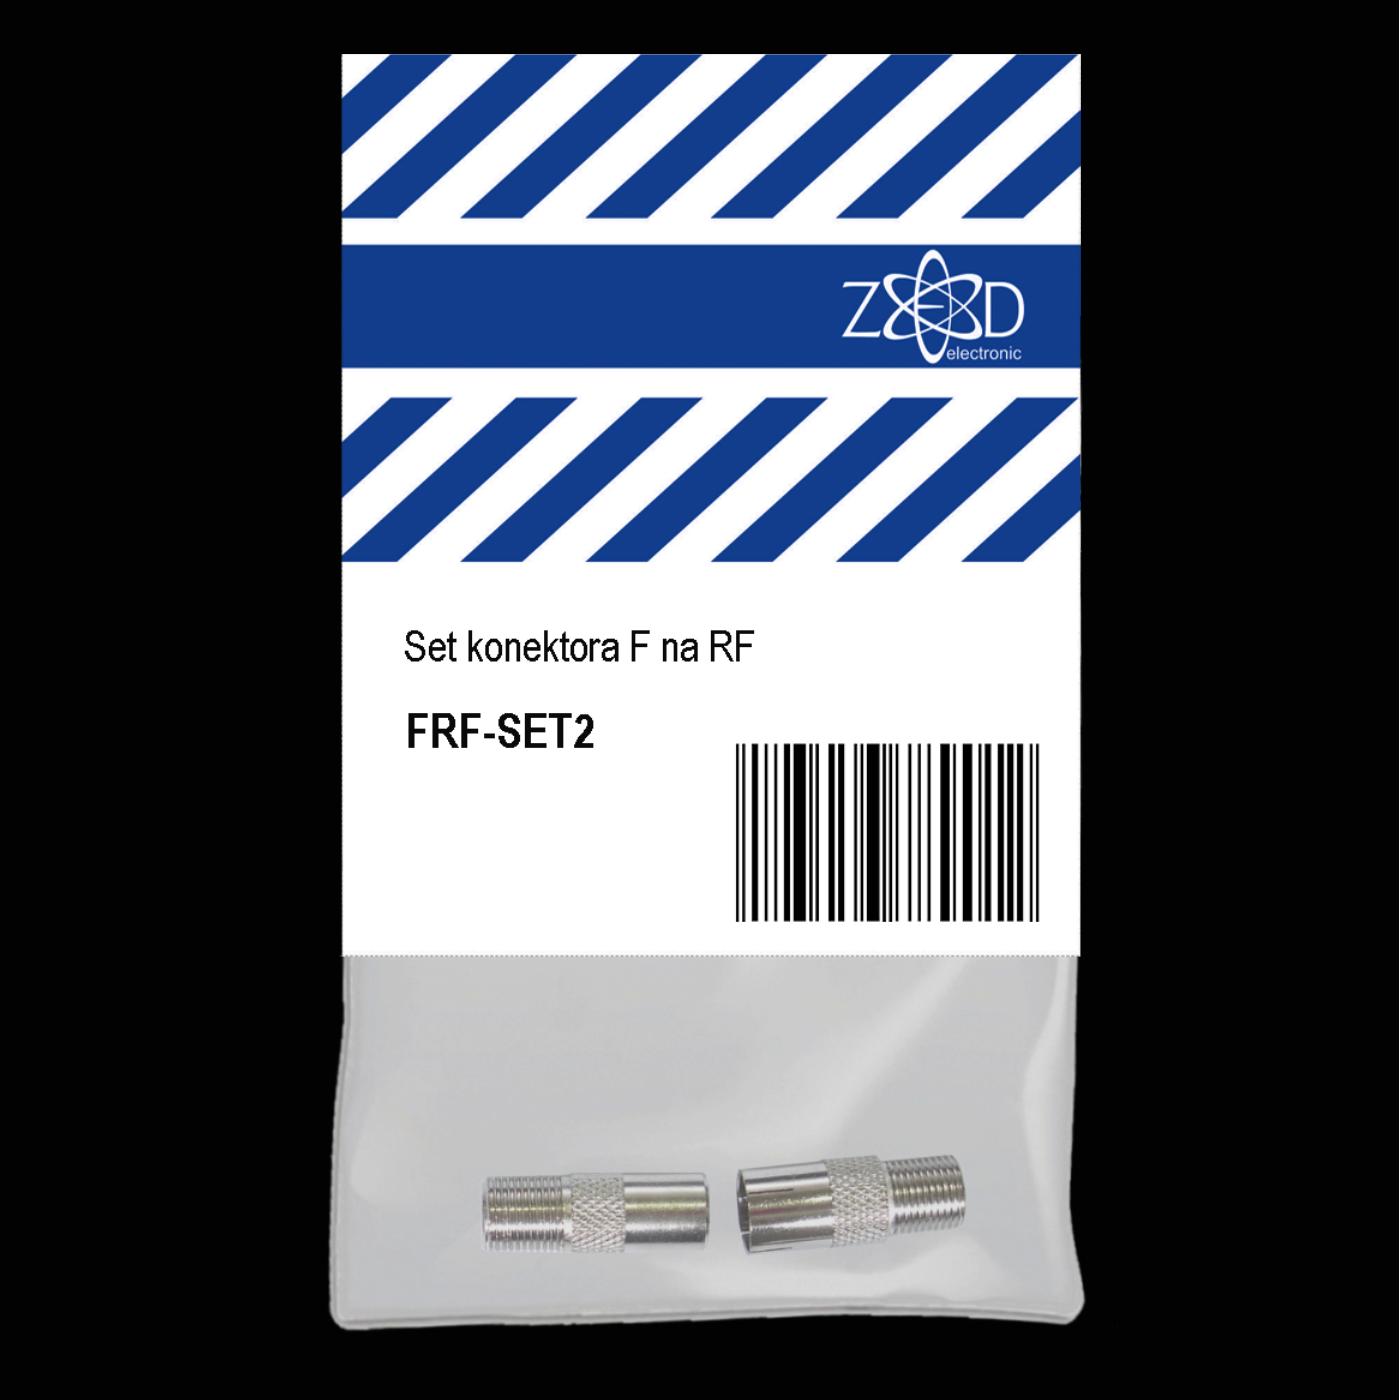 ZED electronic - FRF-SET2